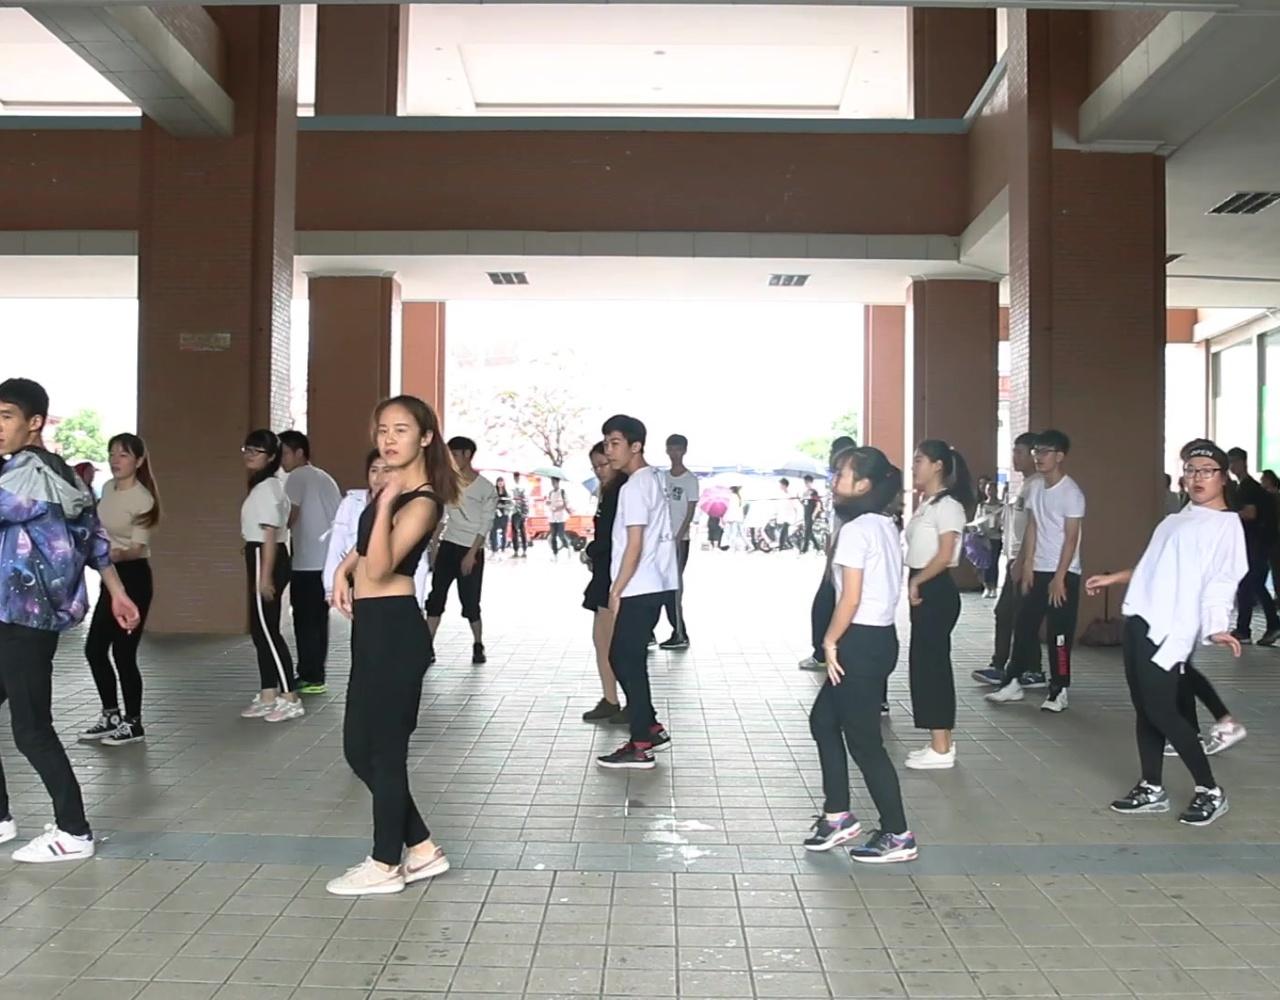 2017年桂林电子科技大学 数学与计算科学学院 快闪